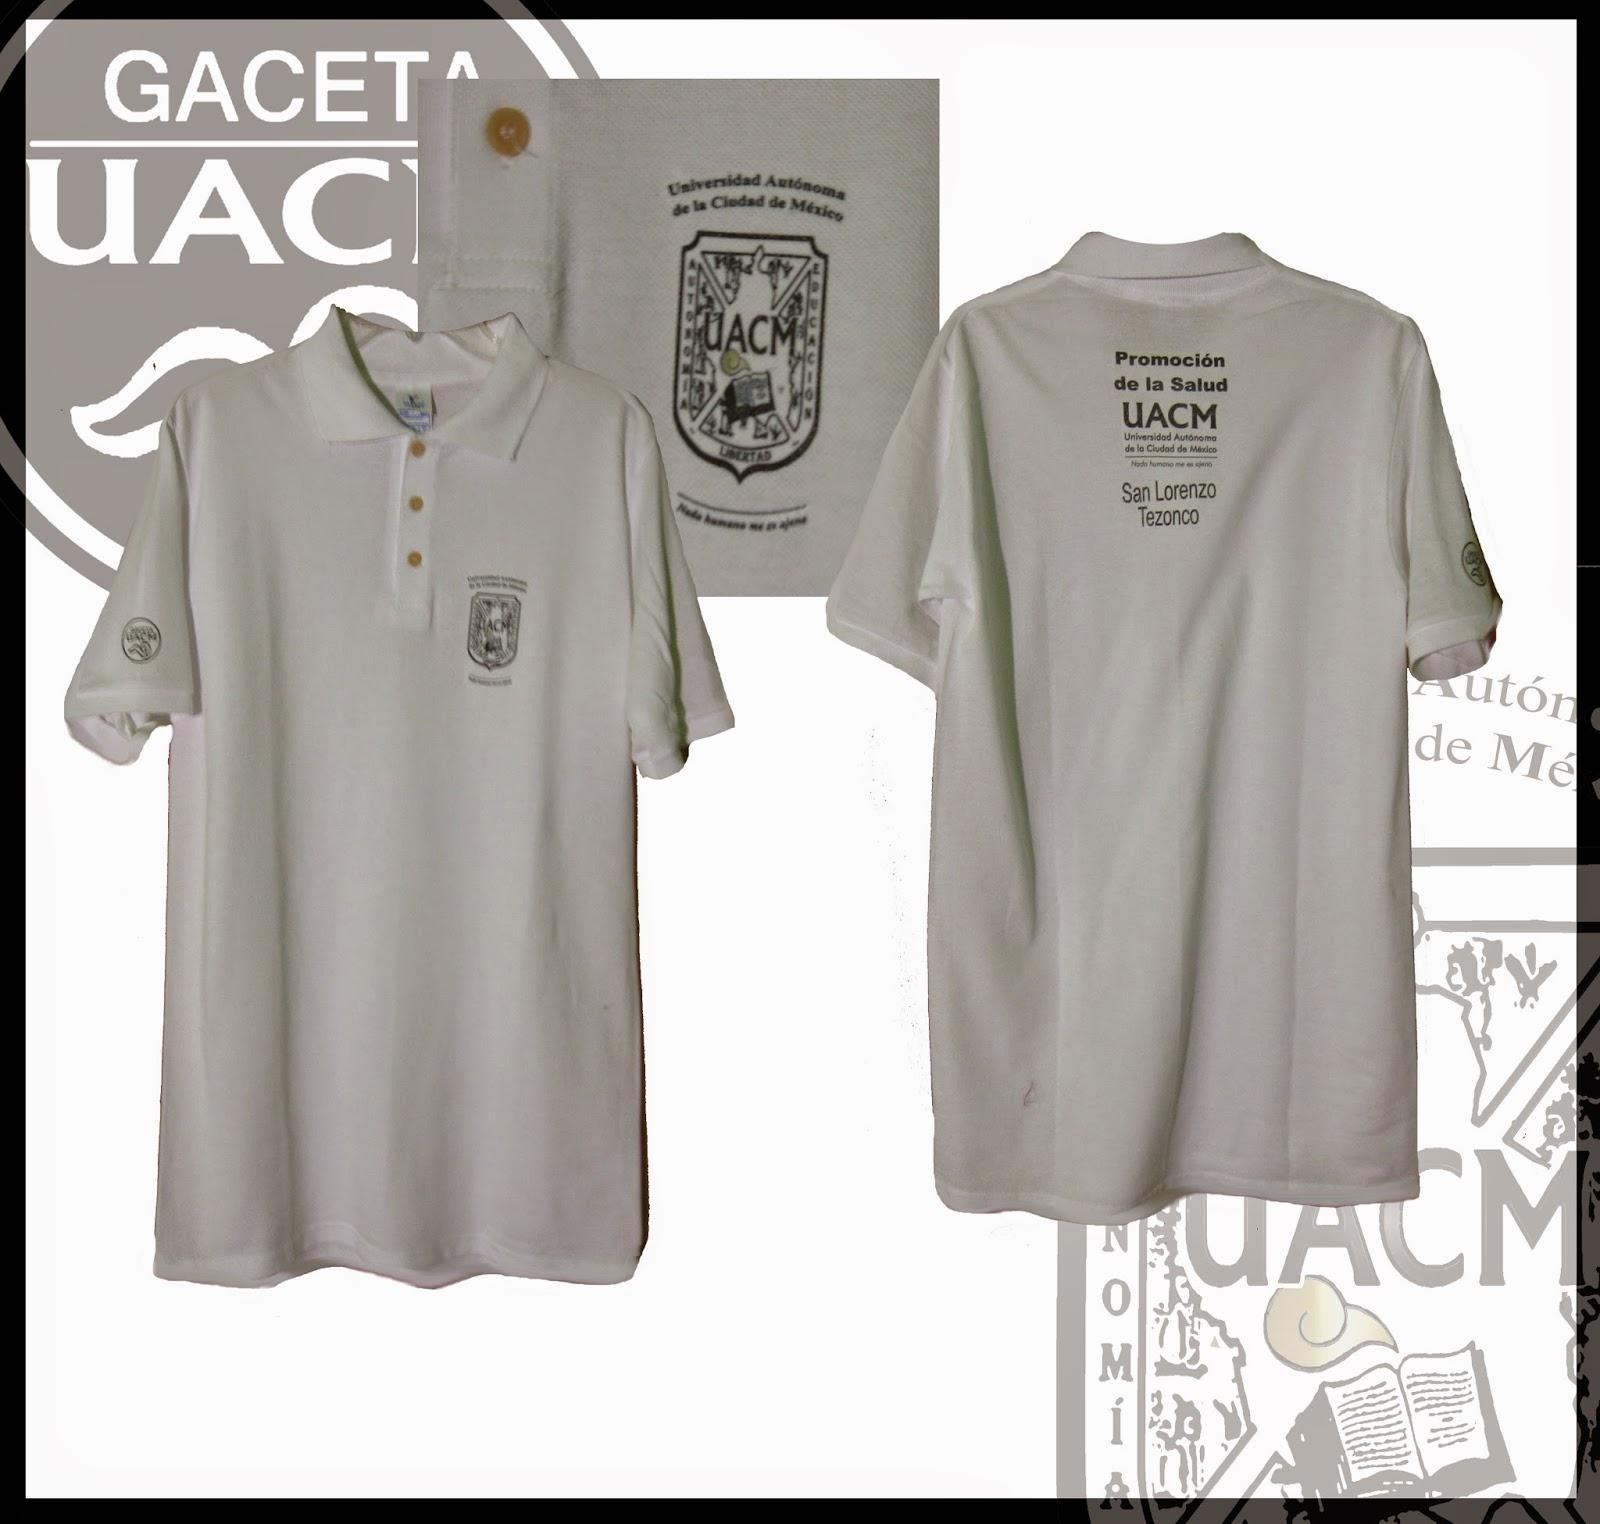 Escudo UACM  Playeras - Camisetas UACM 04a12b0a89f04